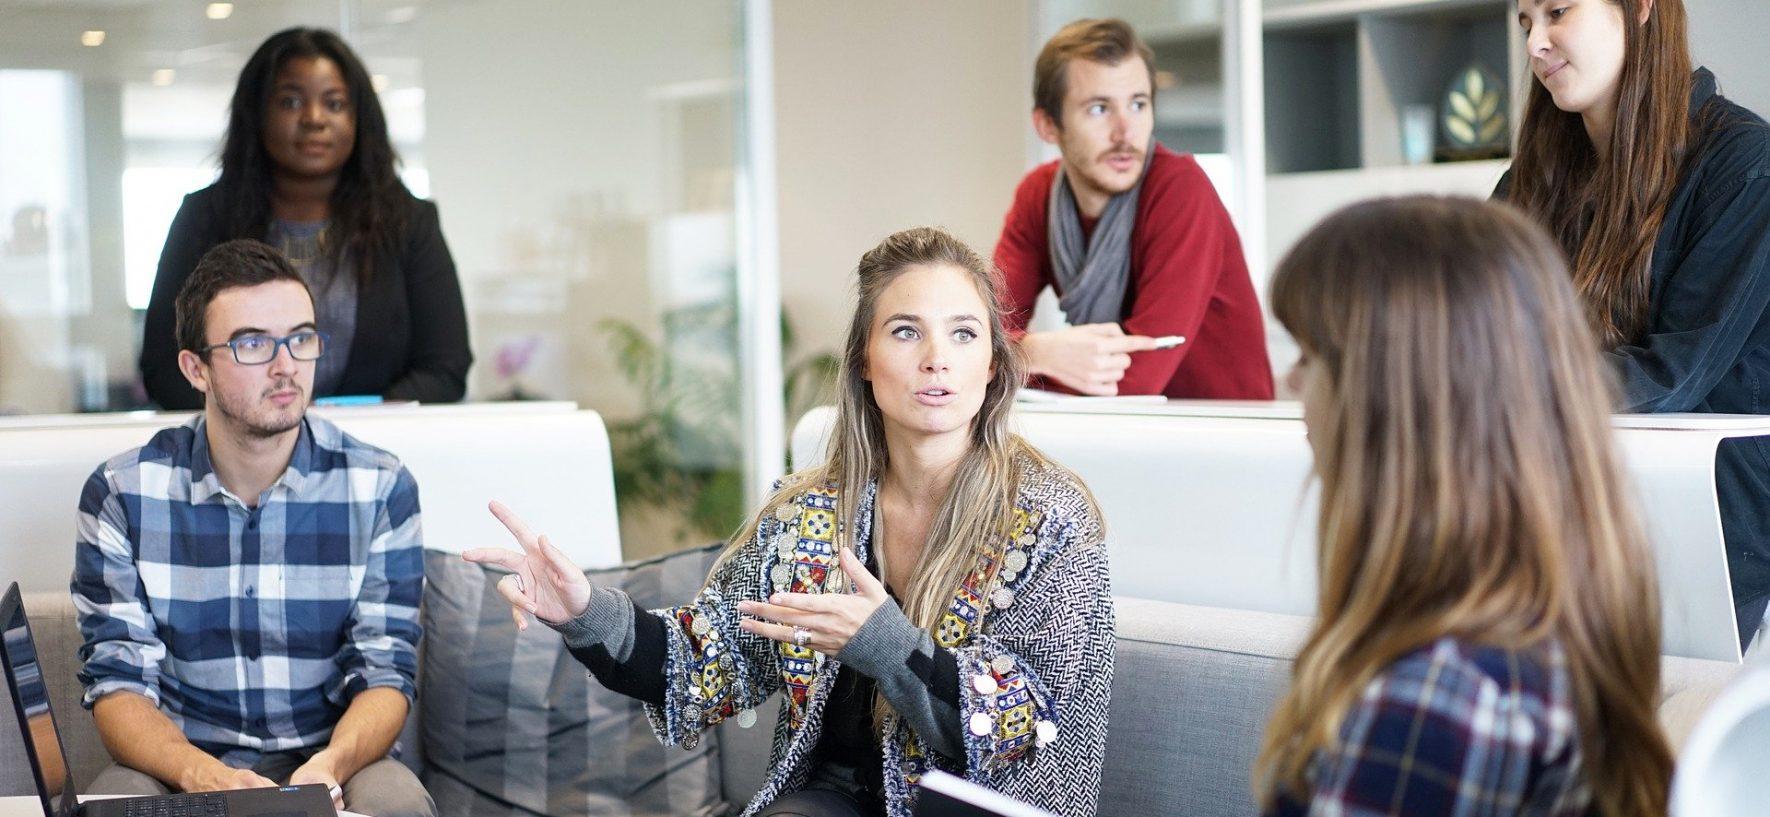 Analista Comportamental - 10 Coisas que os Profissionais não sabem